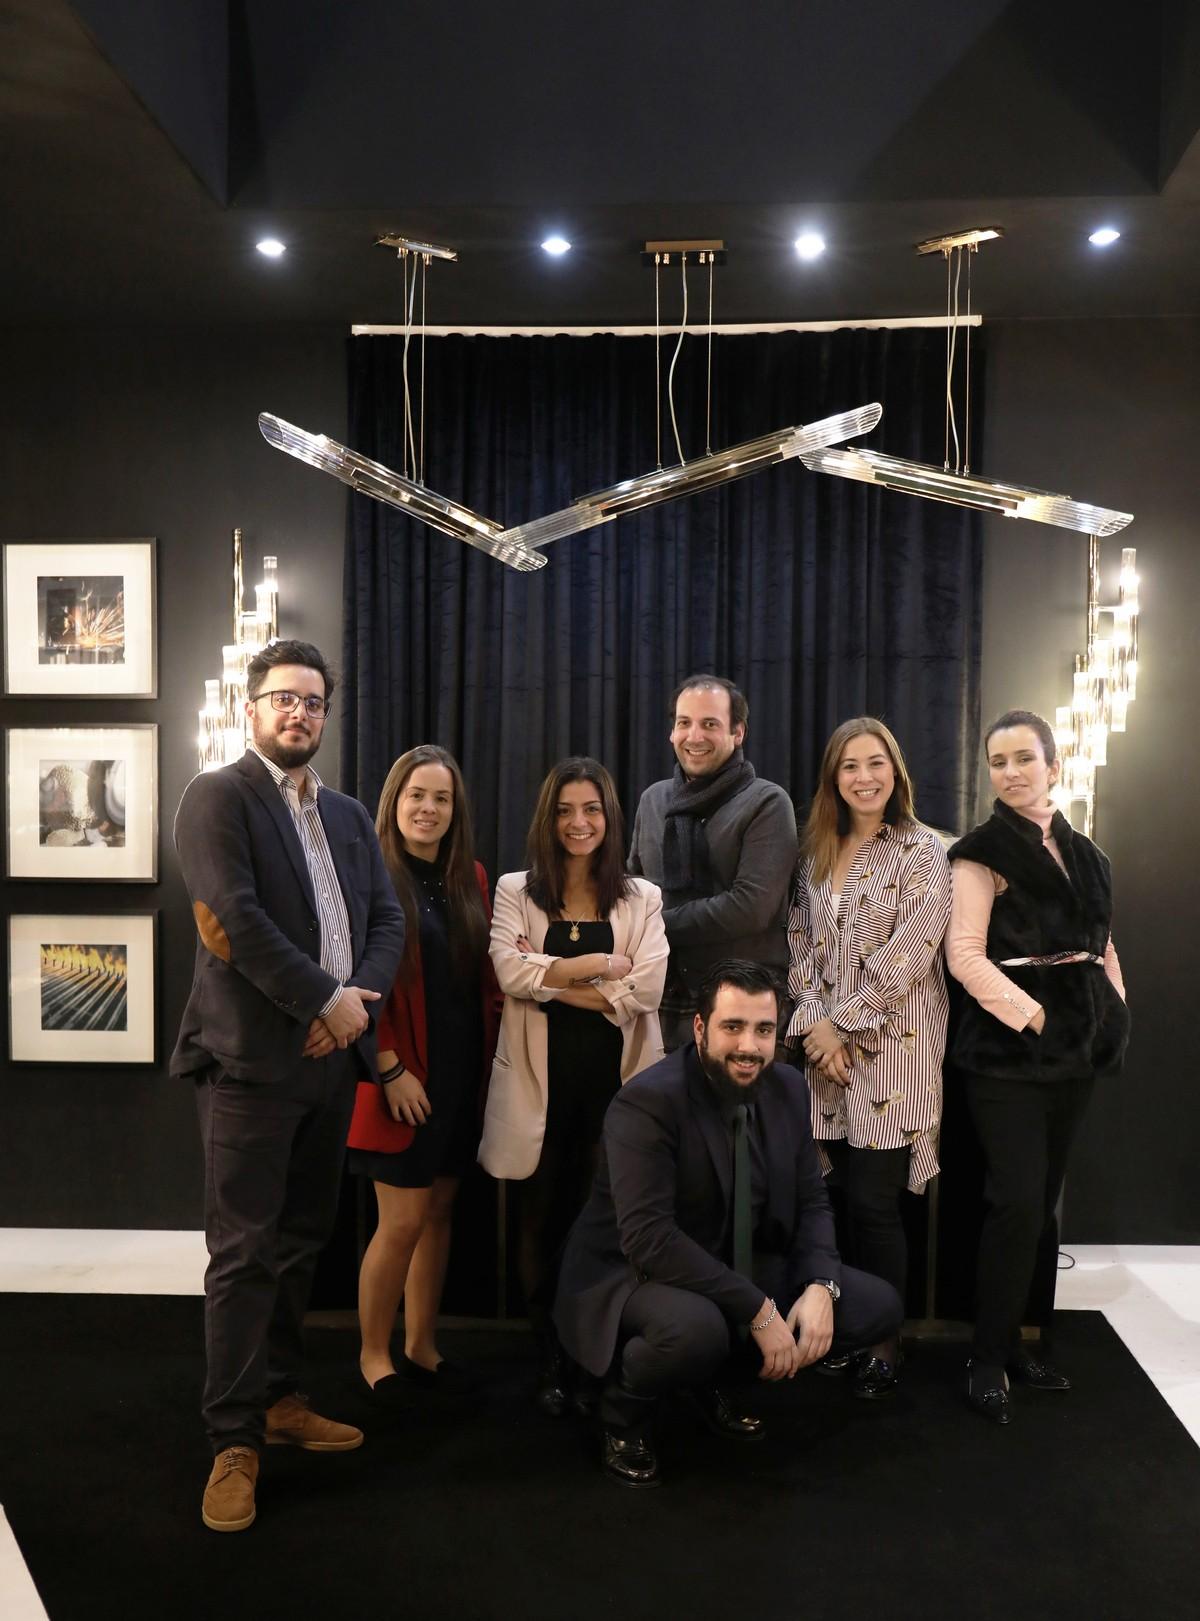 Maison et objet 4  Luxury Brands Present at Maison et Objet 2 3